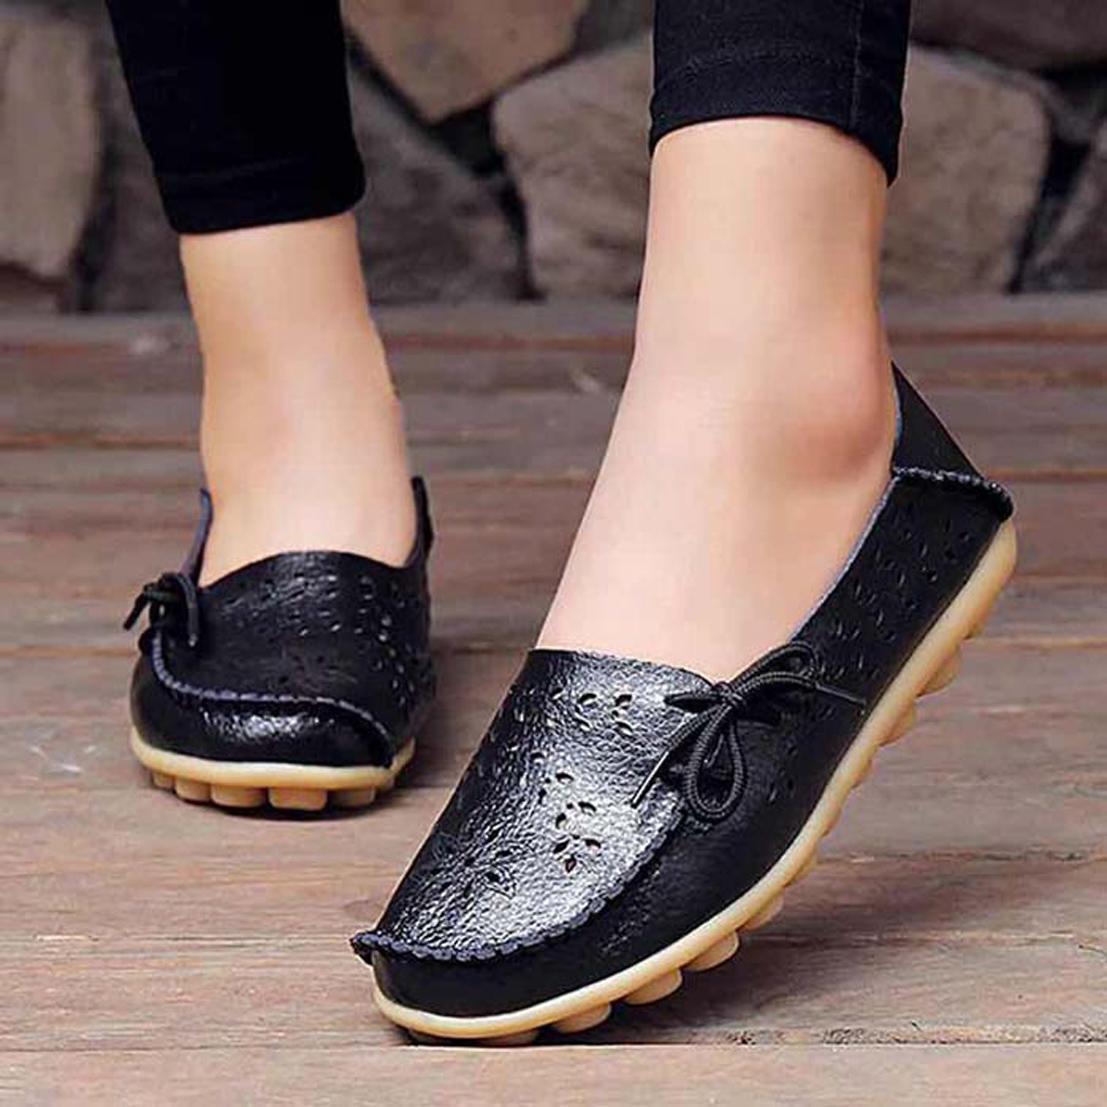 Avec la boîte femme chaussons chaussures sandales cuir véritable de haute qualité Chaussons Mode Scuffs Pantoufles chaussures de sport gratuite DHL 02PX851